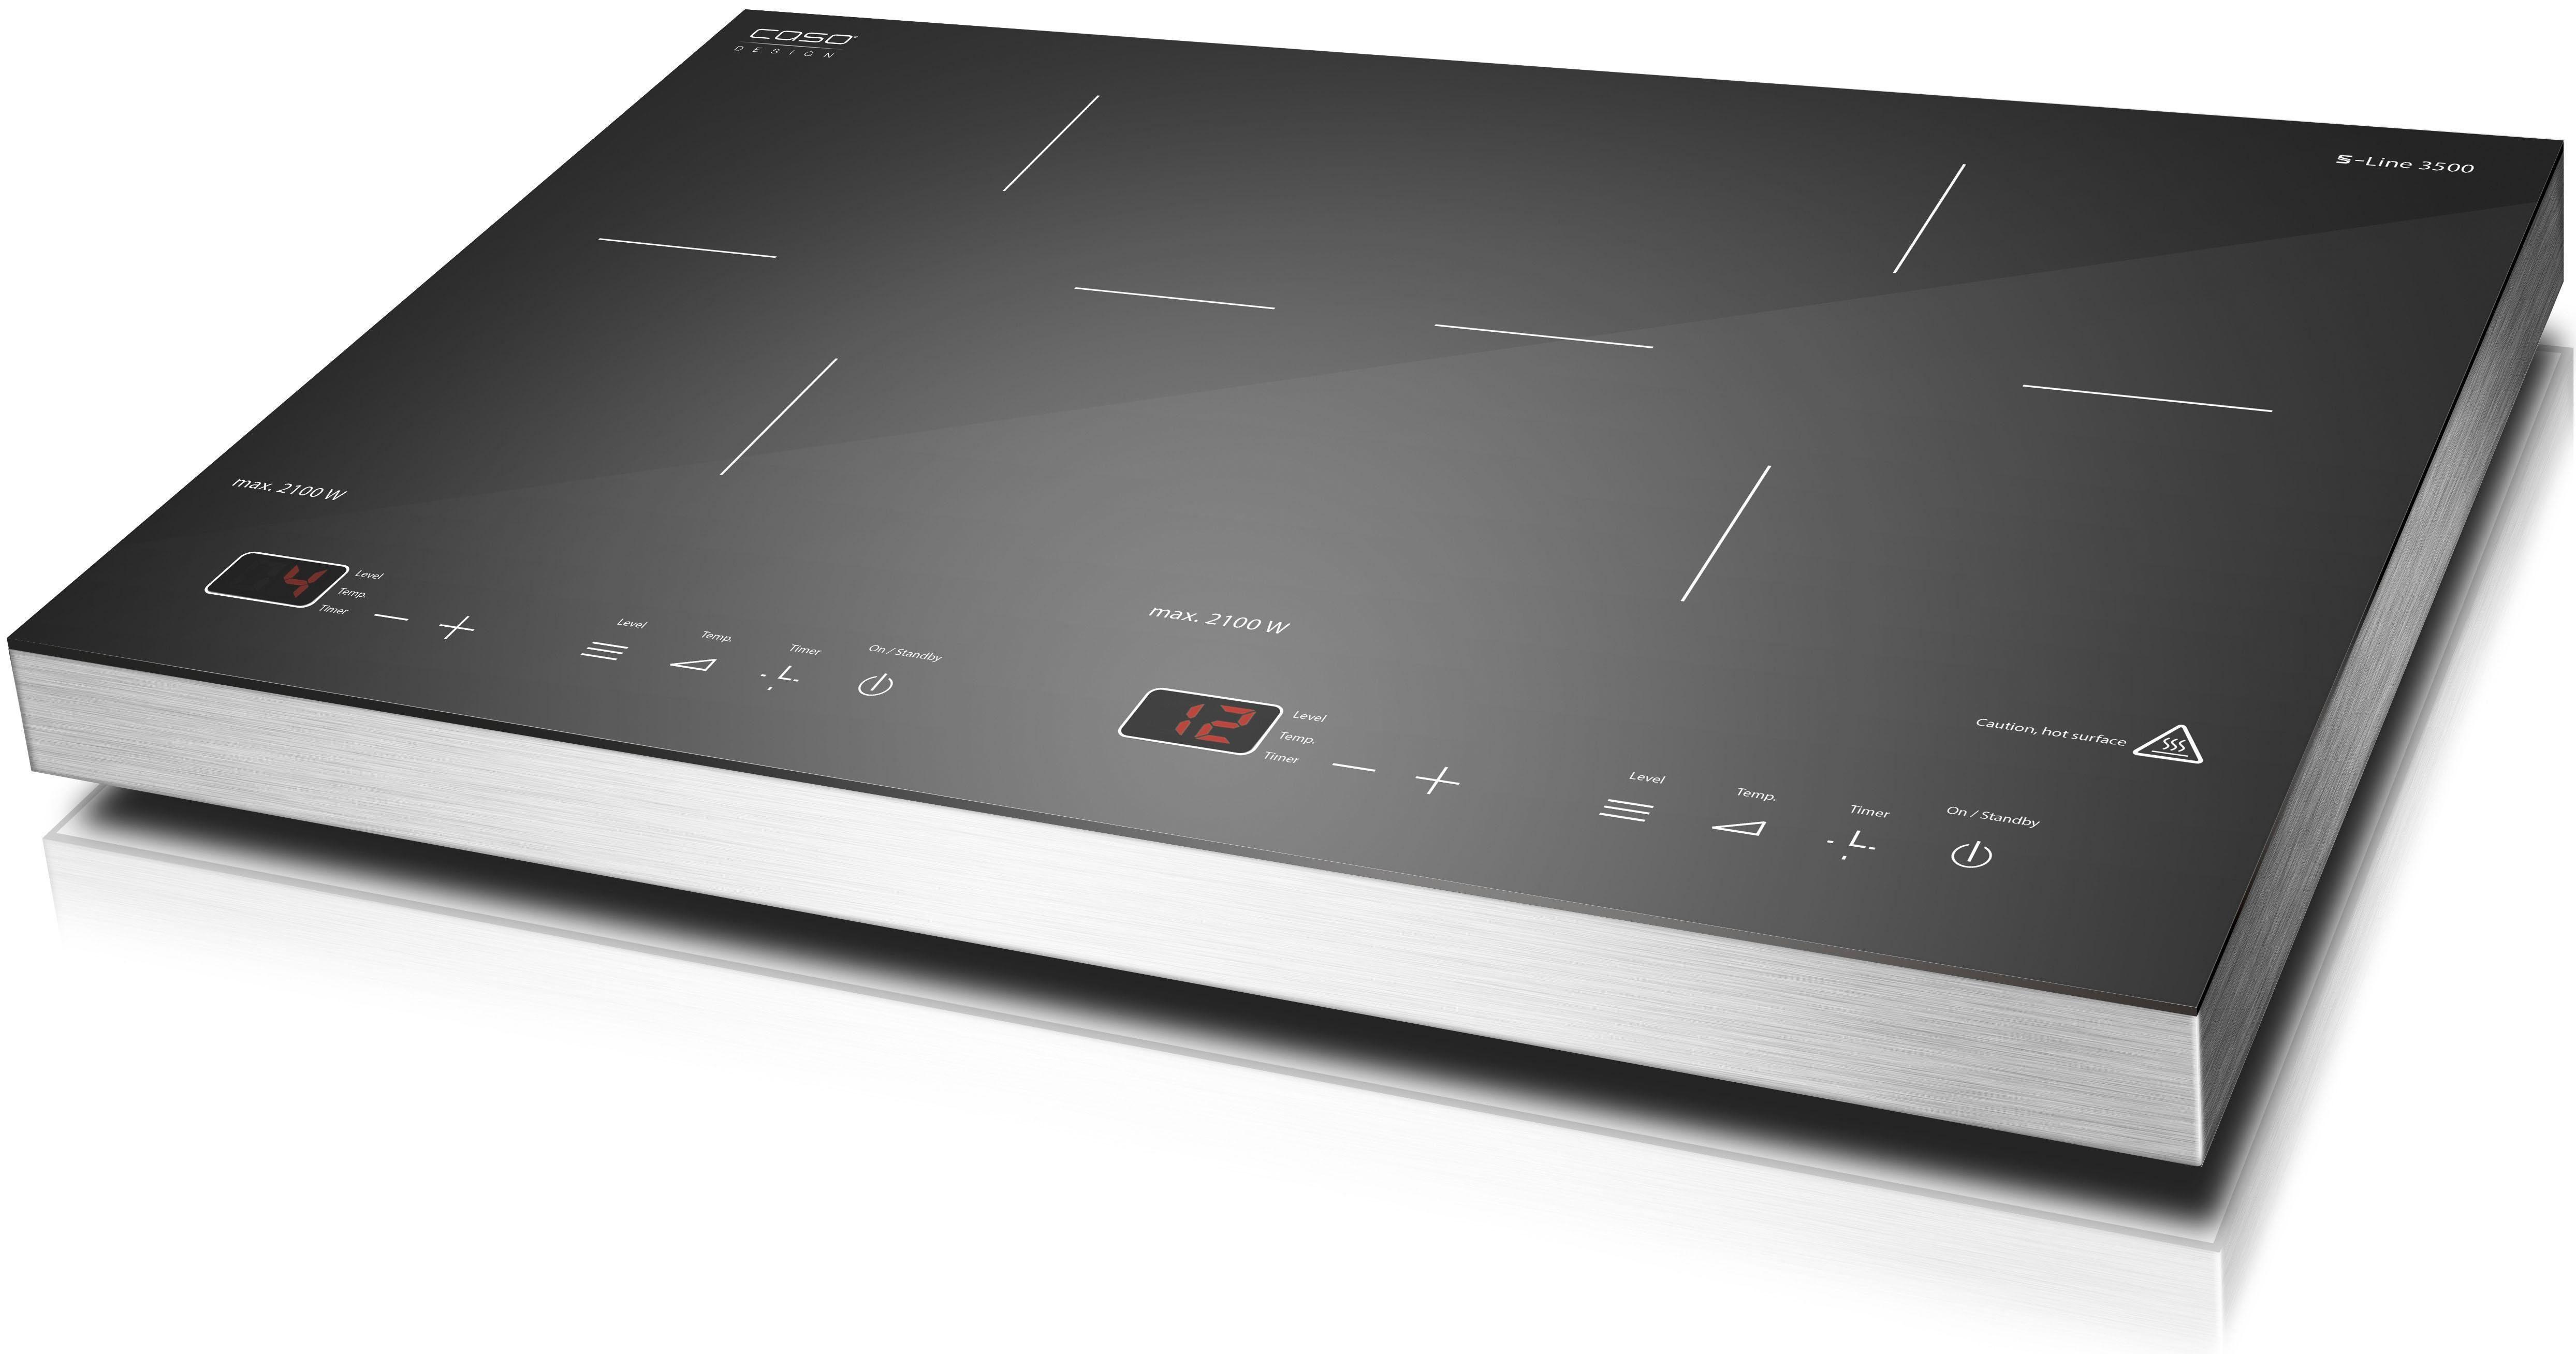 Caso Doppel-Induktionskochplatte S-Line 3500, 54 cm breit